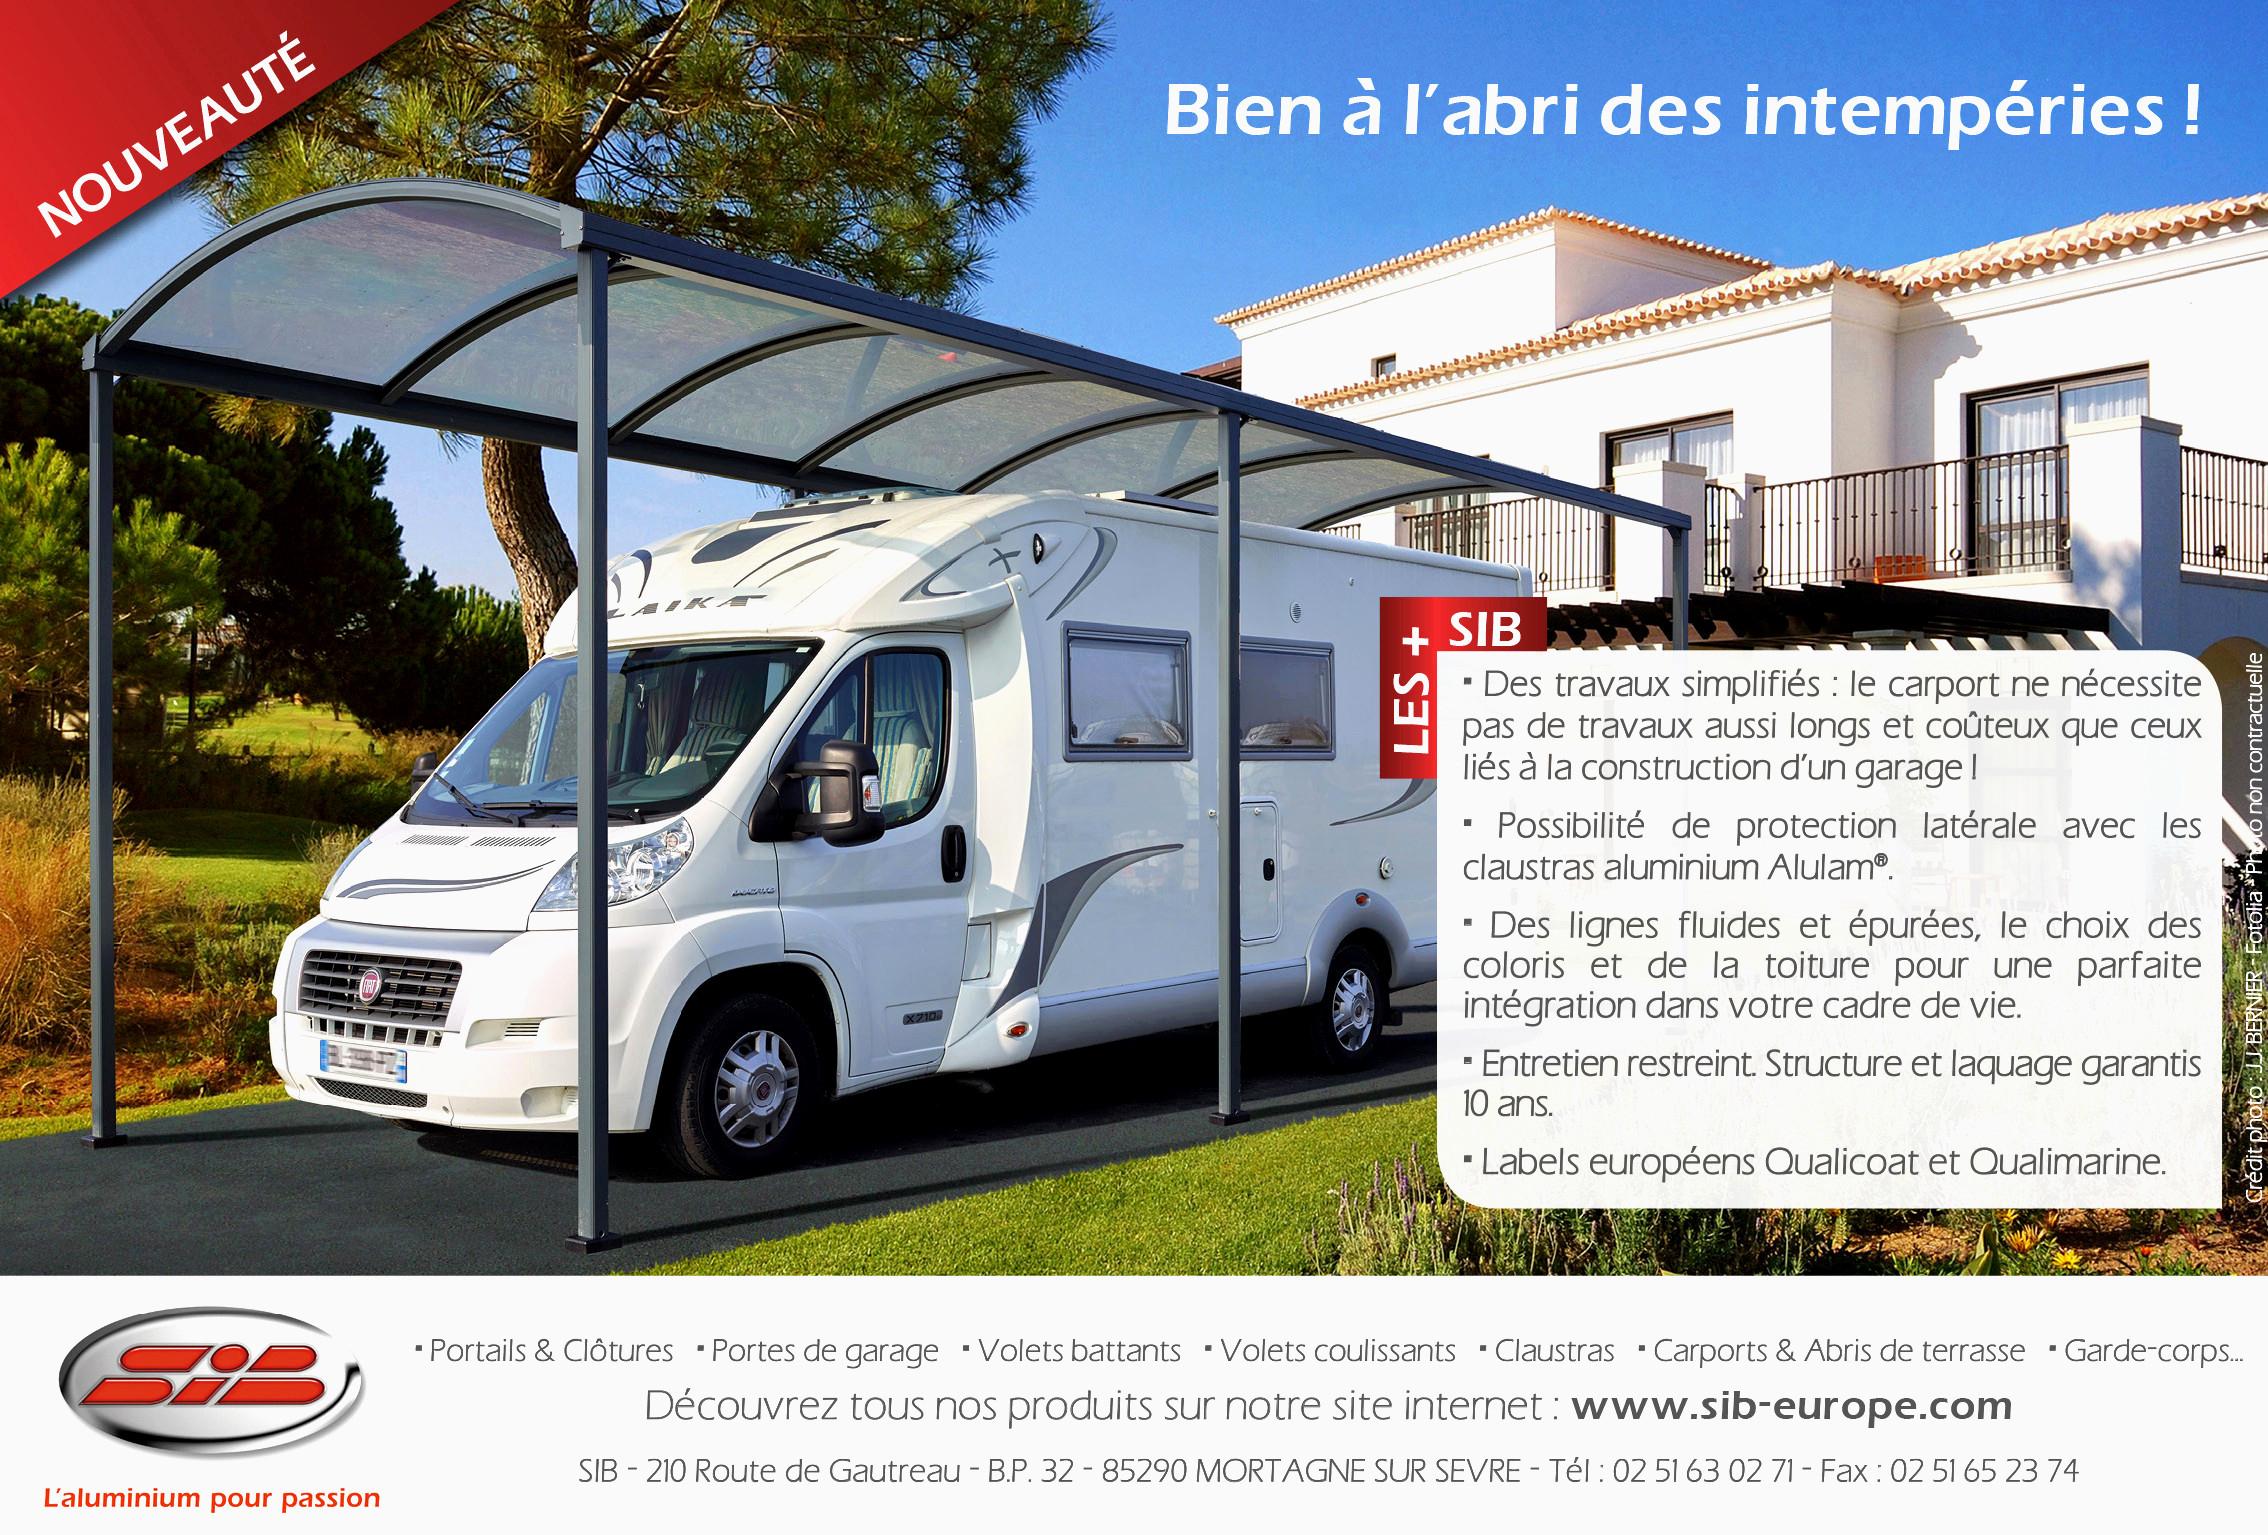 Construction Abri De Jardin Sans Permis Imposant Abri destiné Abri Camping Car Leroy Merlin